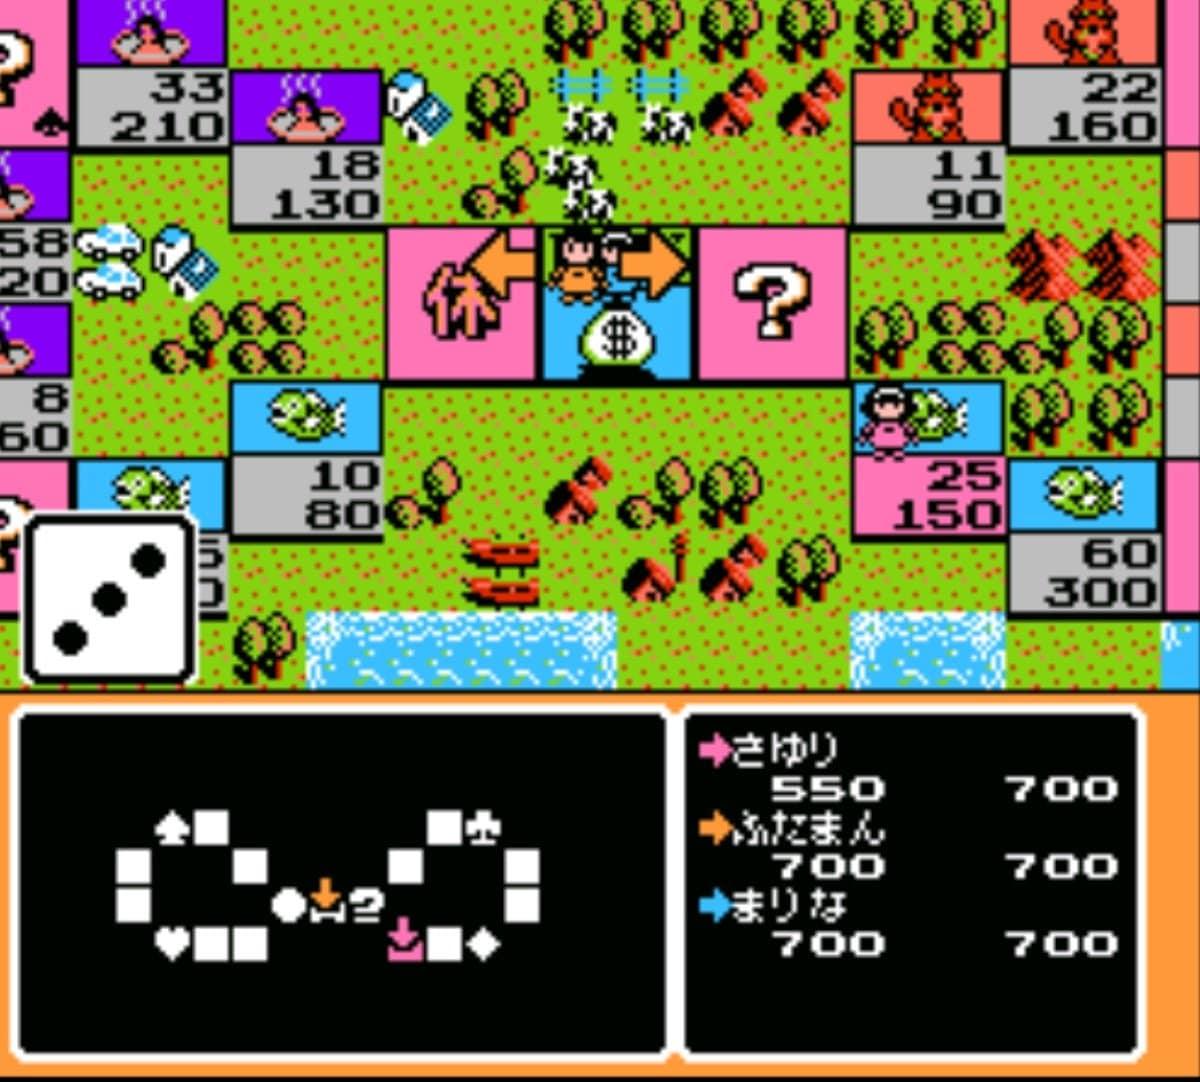 桃鉄だけじゃない、ファミコン芸人・フジタが選ぶみんながハマった「すごろくゲーム」といえばコレ!の画像008